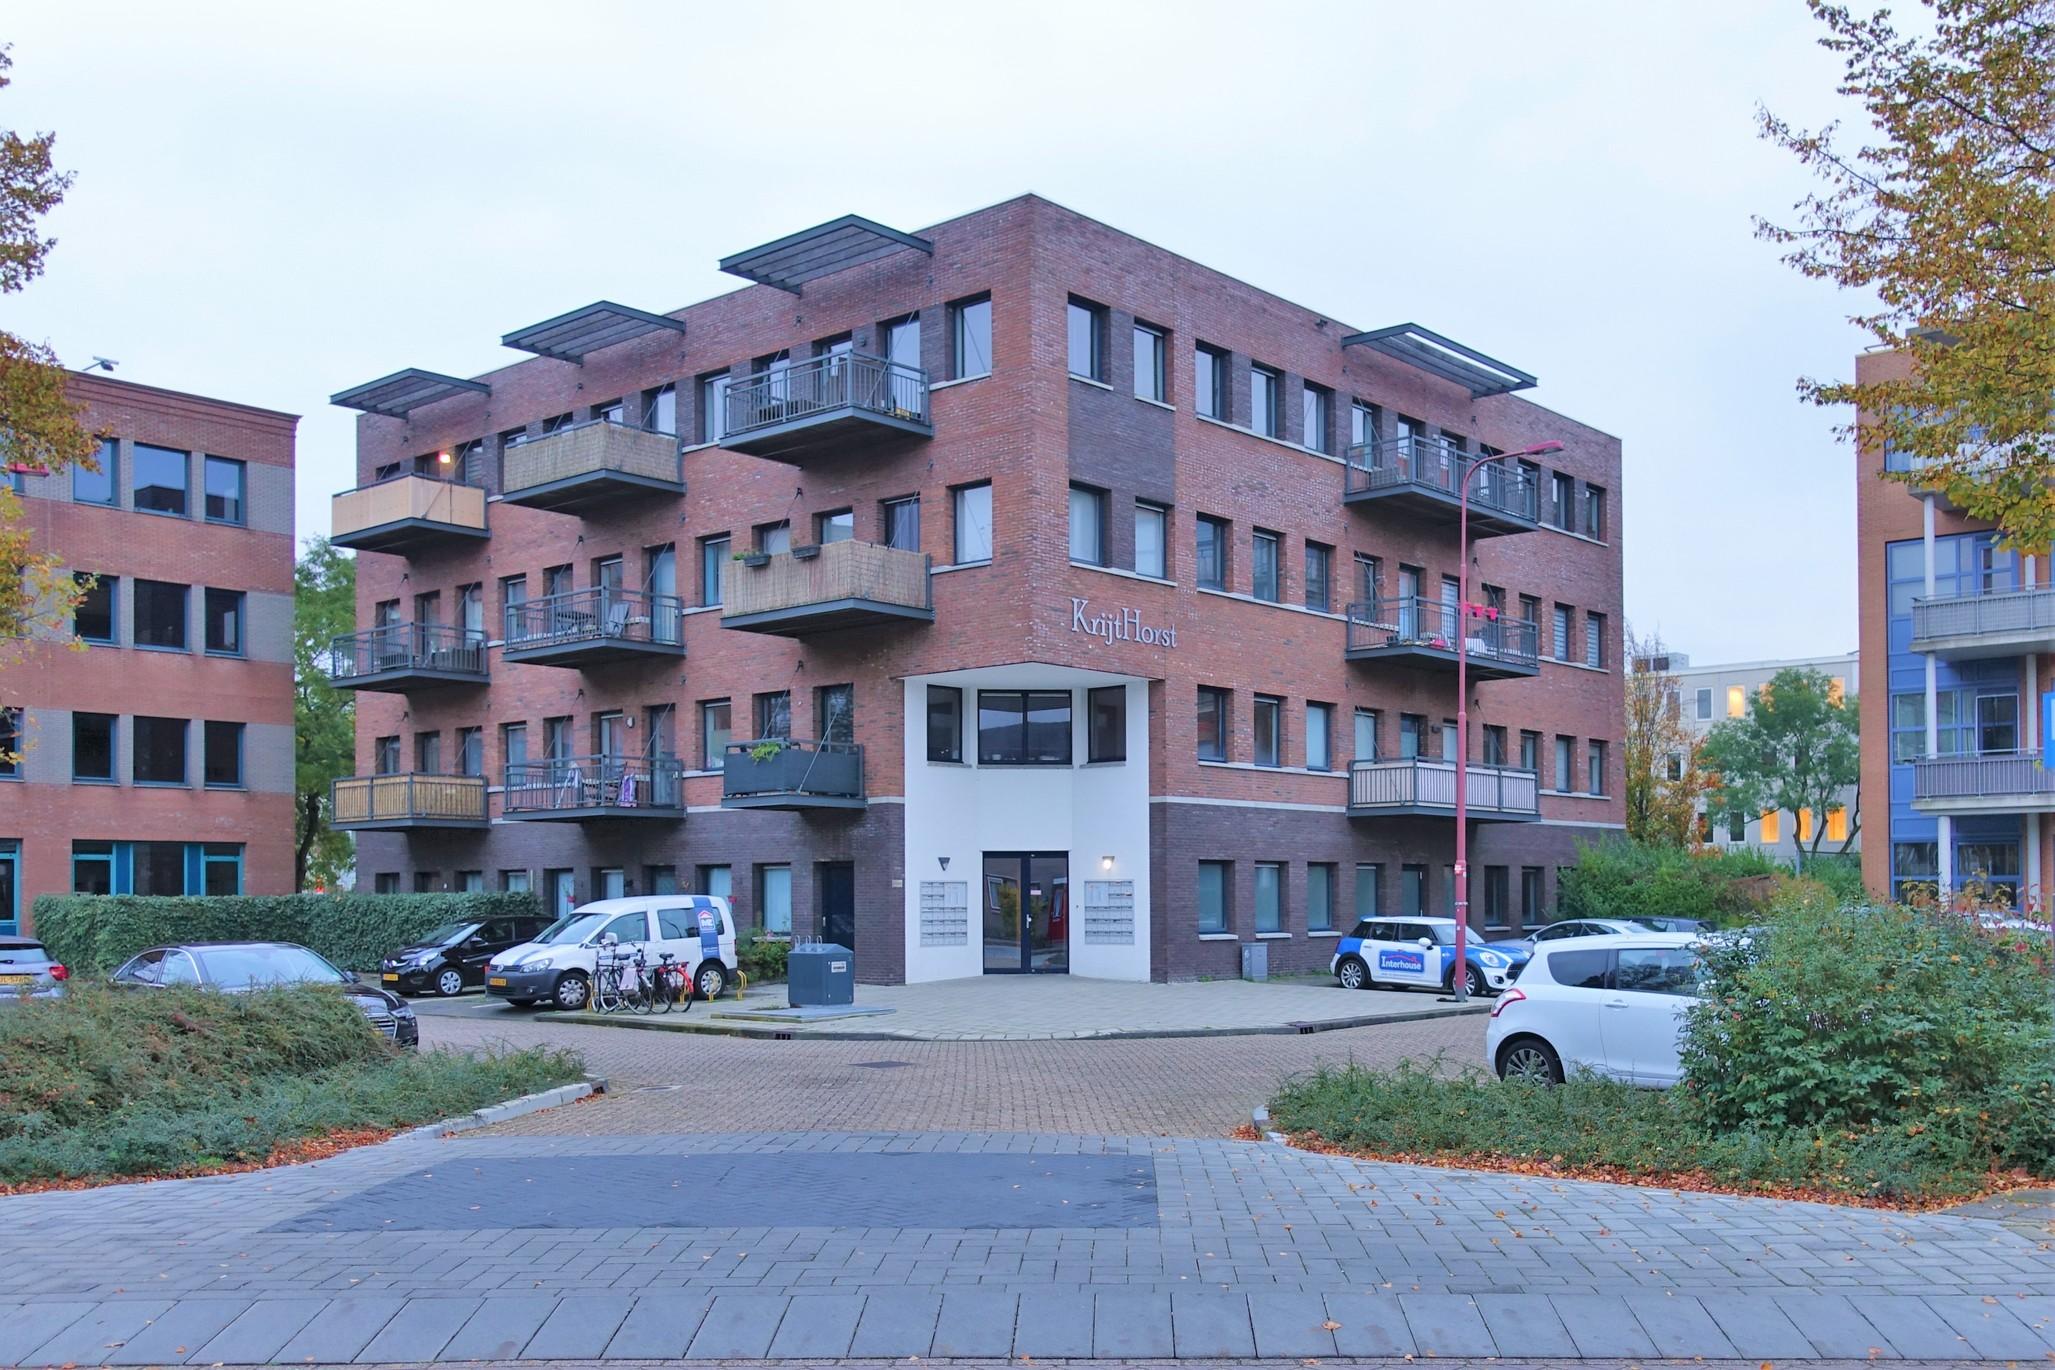 Krijtwal, Nieuwegein